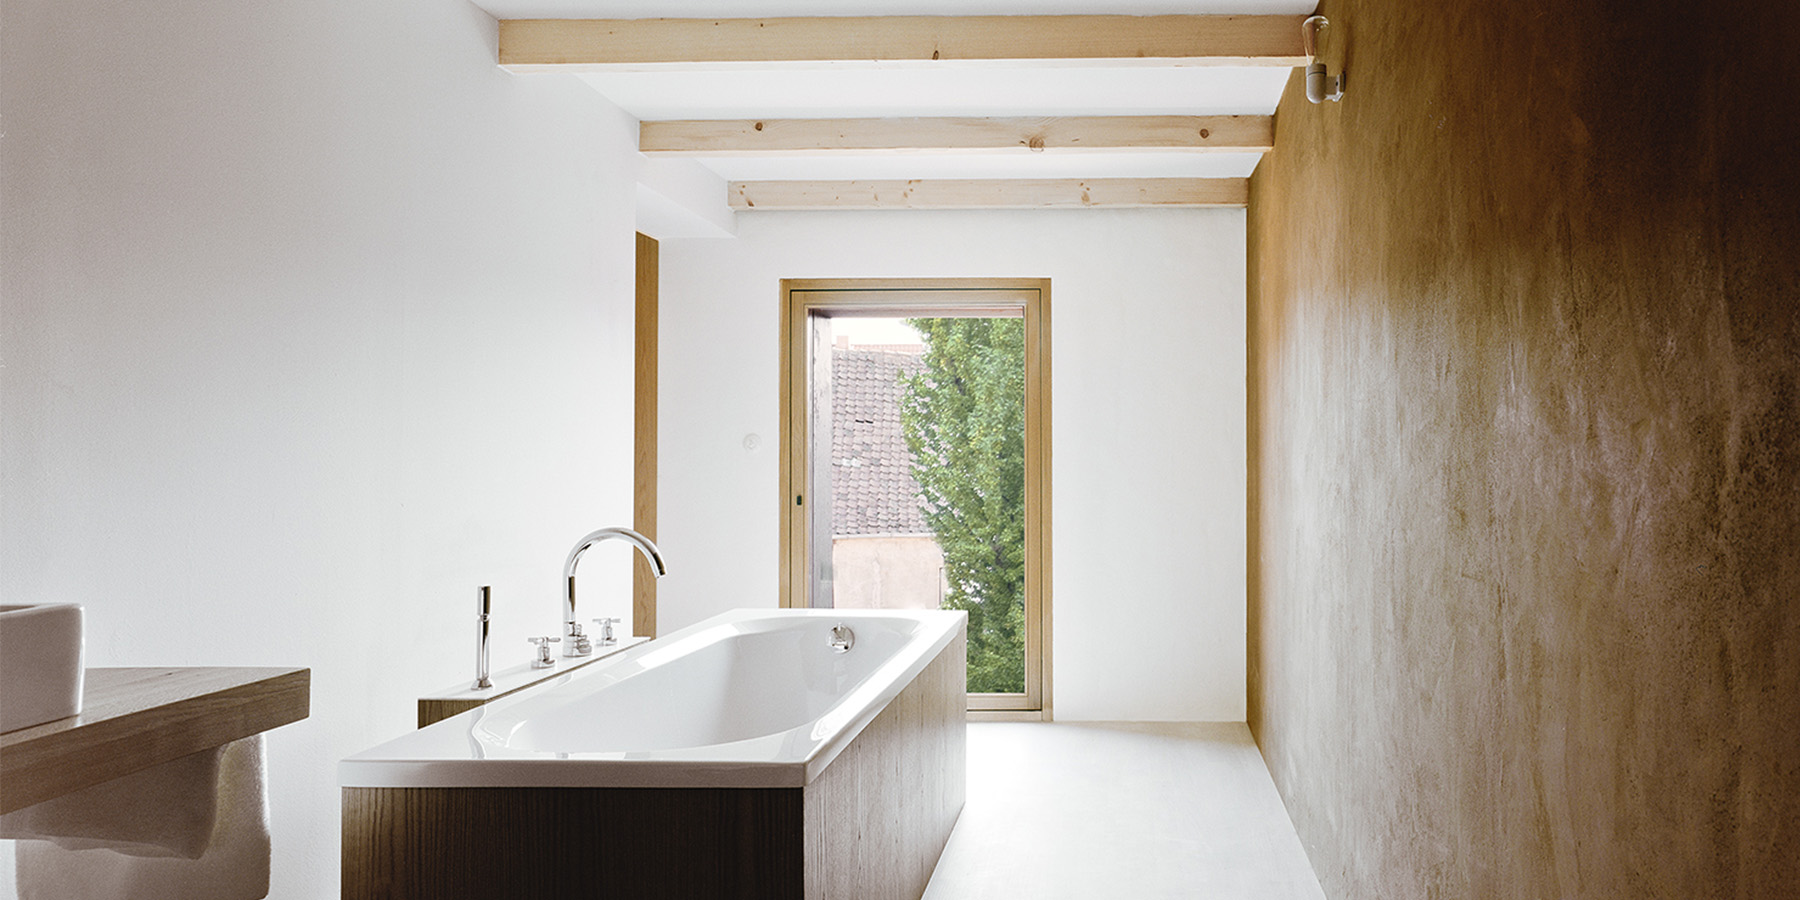 Sinnvolle Planungs Und Befestigungshöhe Für Waschtisch Spiegel Wc